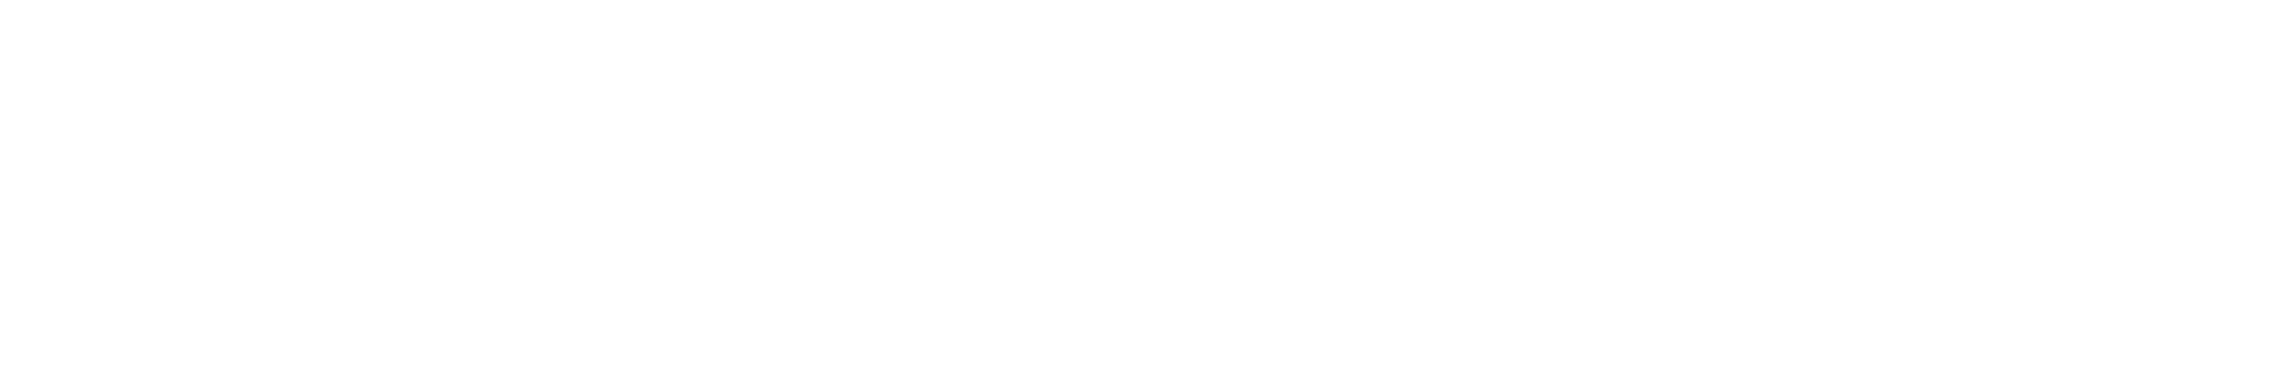 Denver Admin Awards